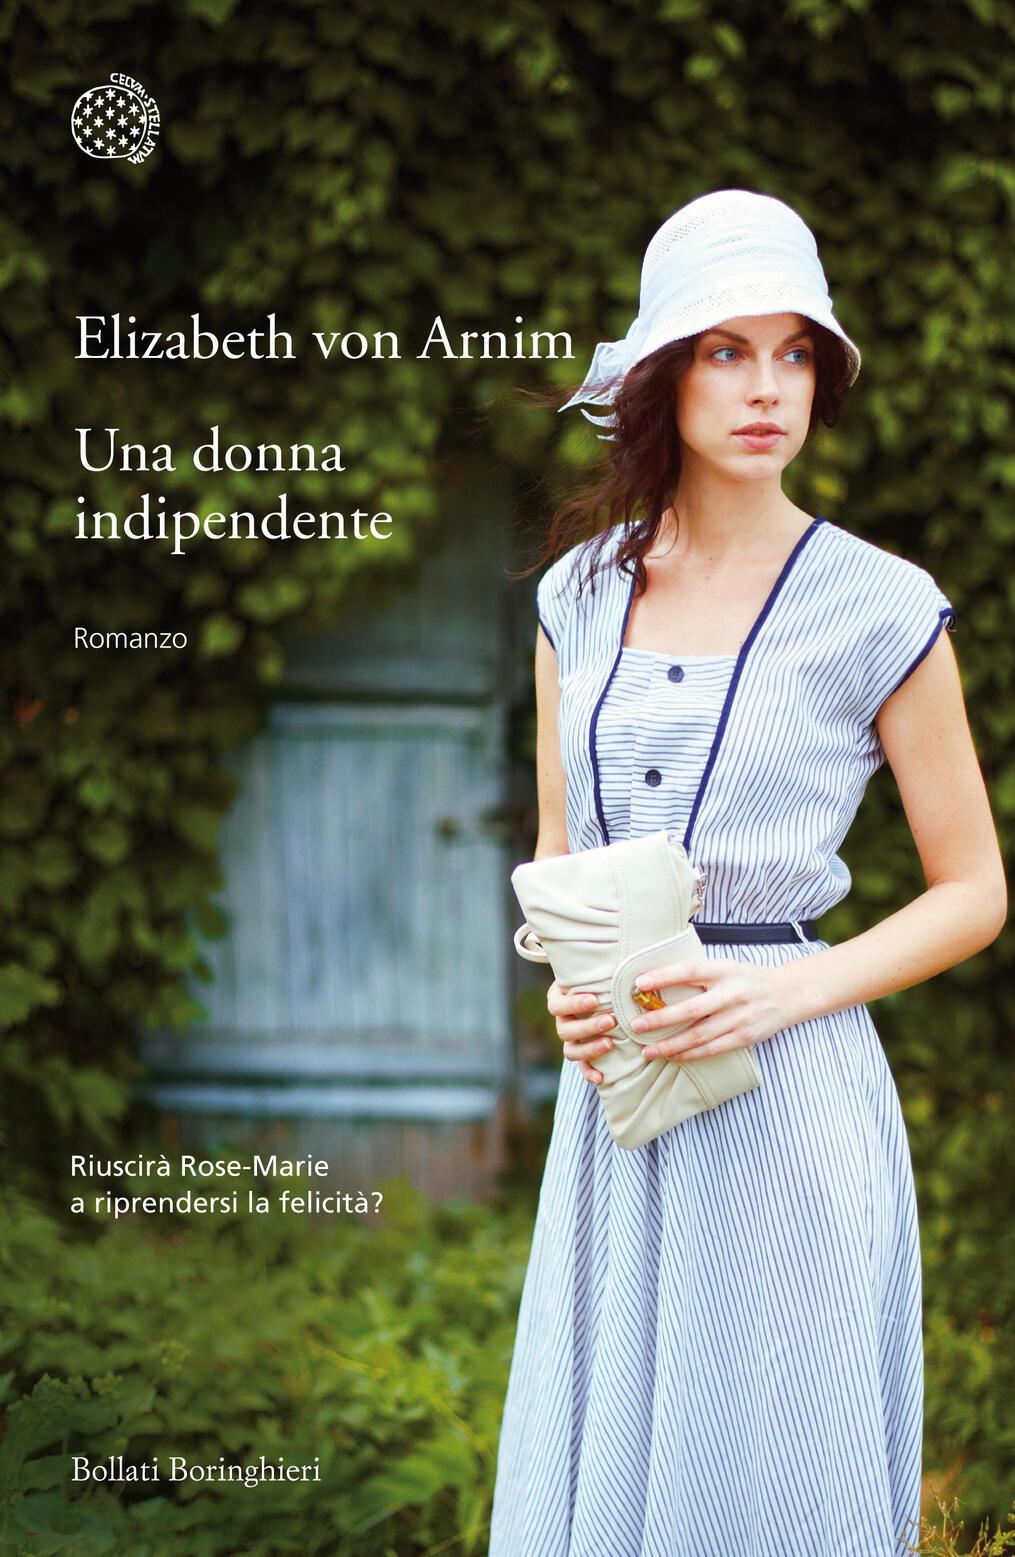 Una donna indipendente elizabeth arnim libro bollati boringhieri varianti ibs - Il giardino di elizabeth ...